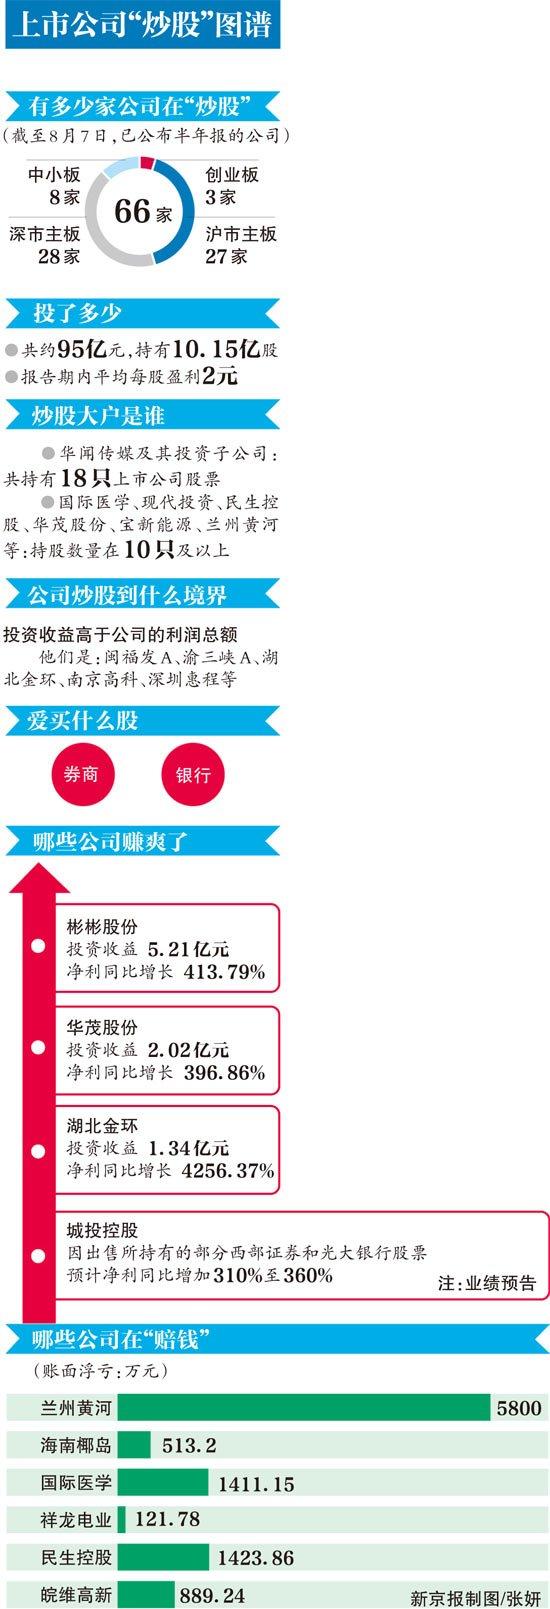 """66家上市公司上半年""""炒股""""赚20亿"""